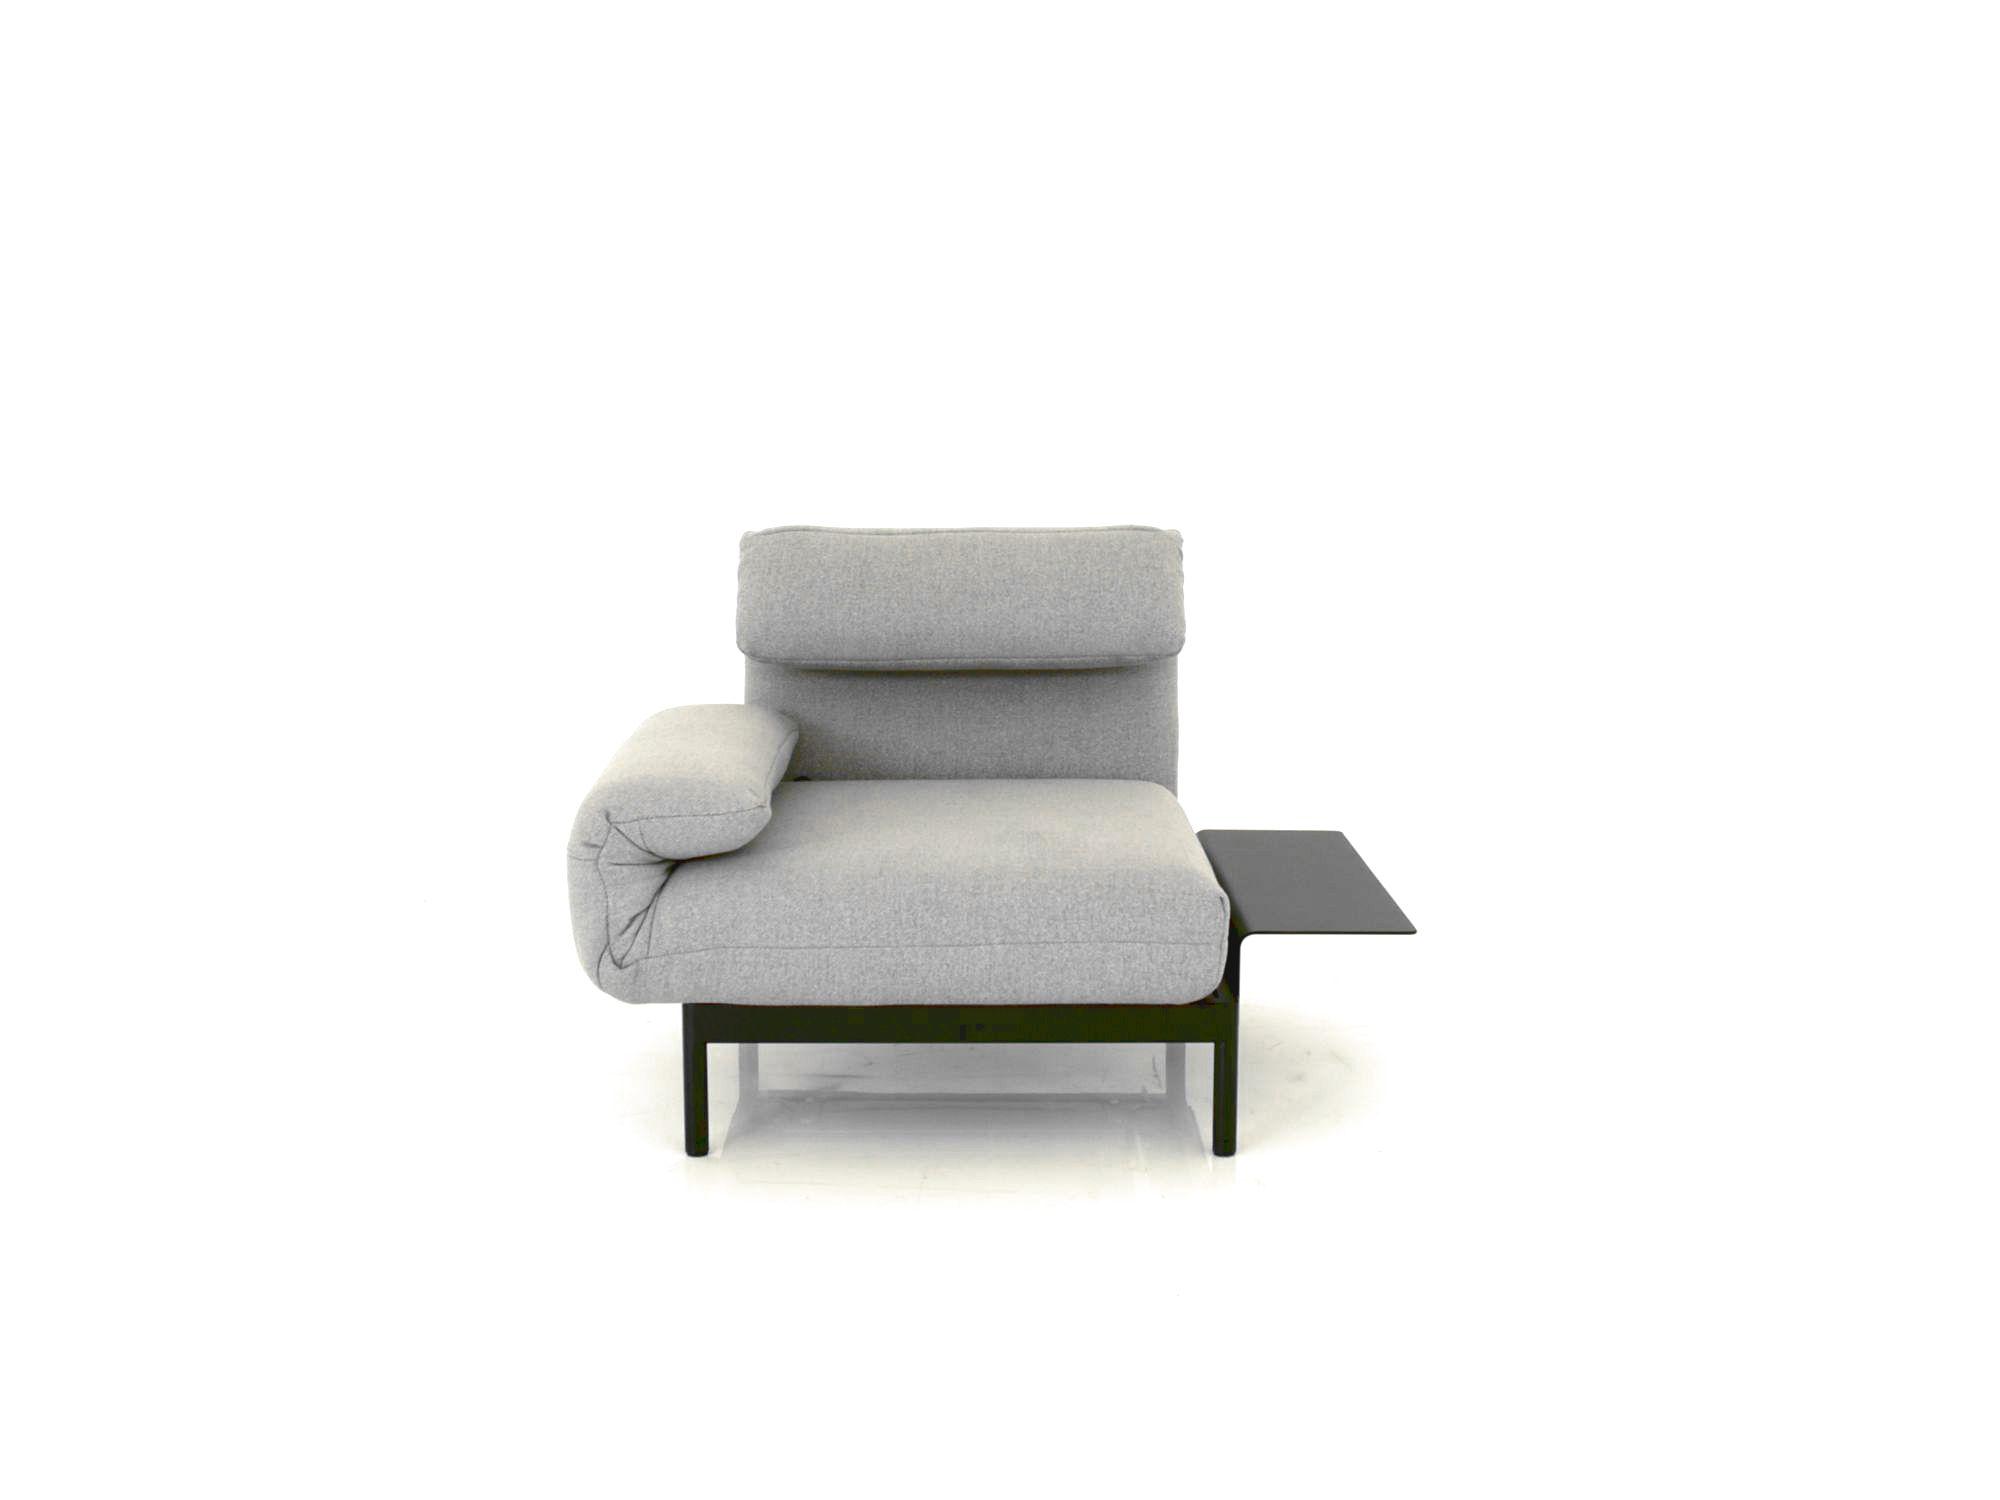 rolf benz schlafsofa rolf benz schlafsofa freistil 164. Black Bedroom Furniture Sets. Home Design Ideas